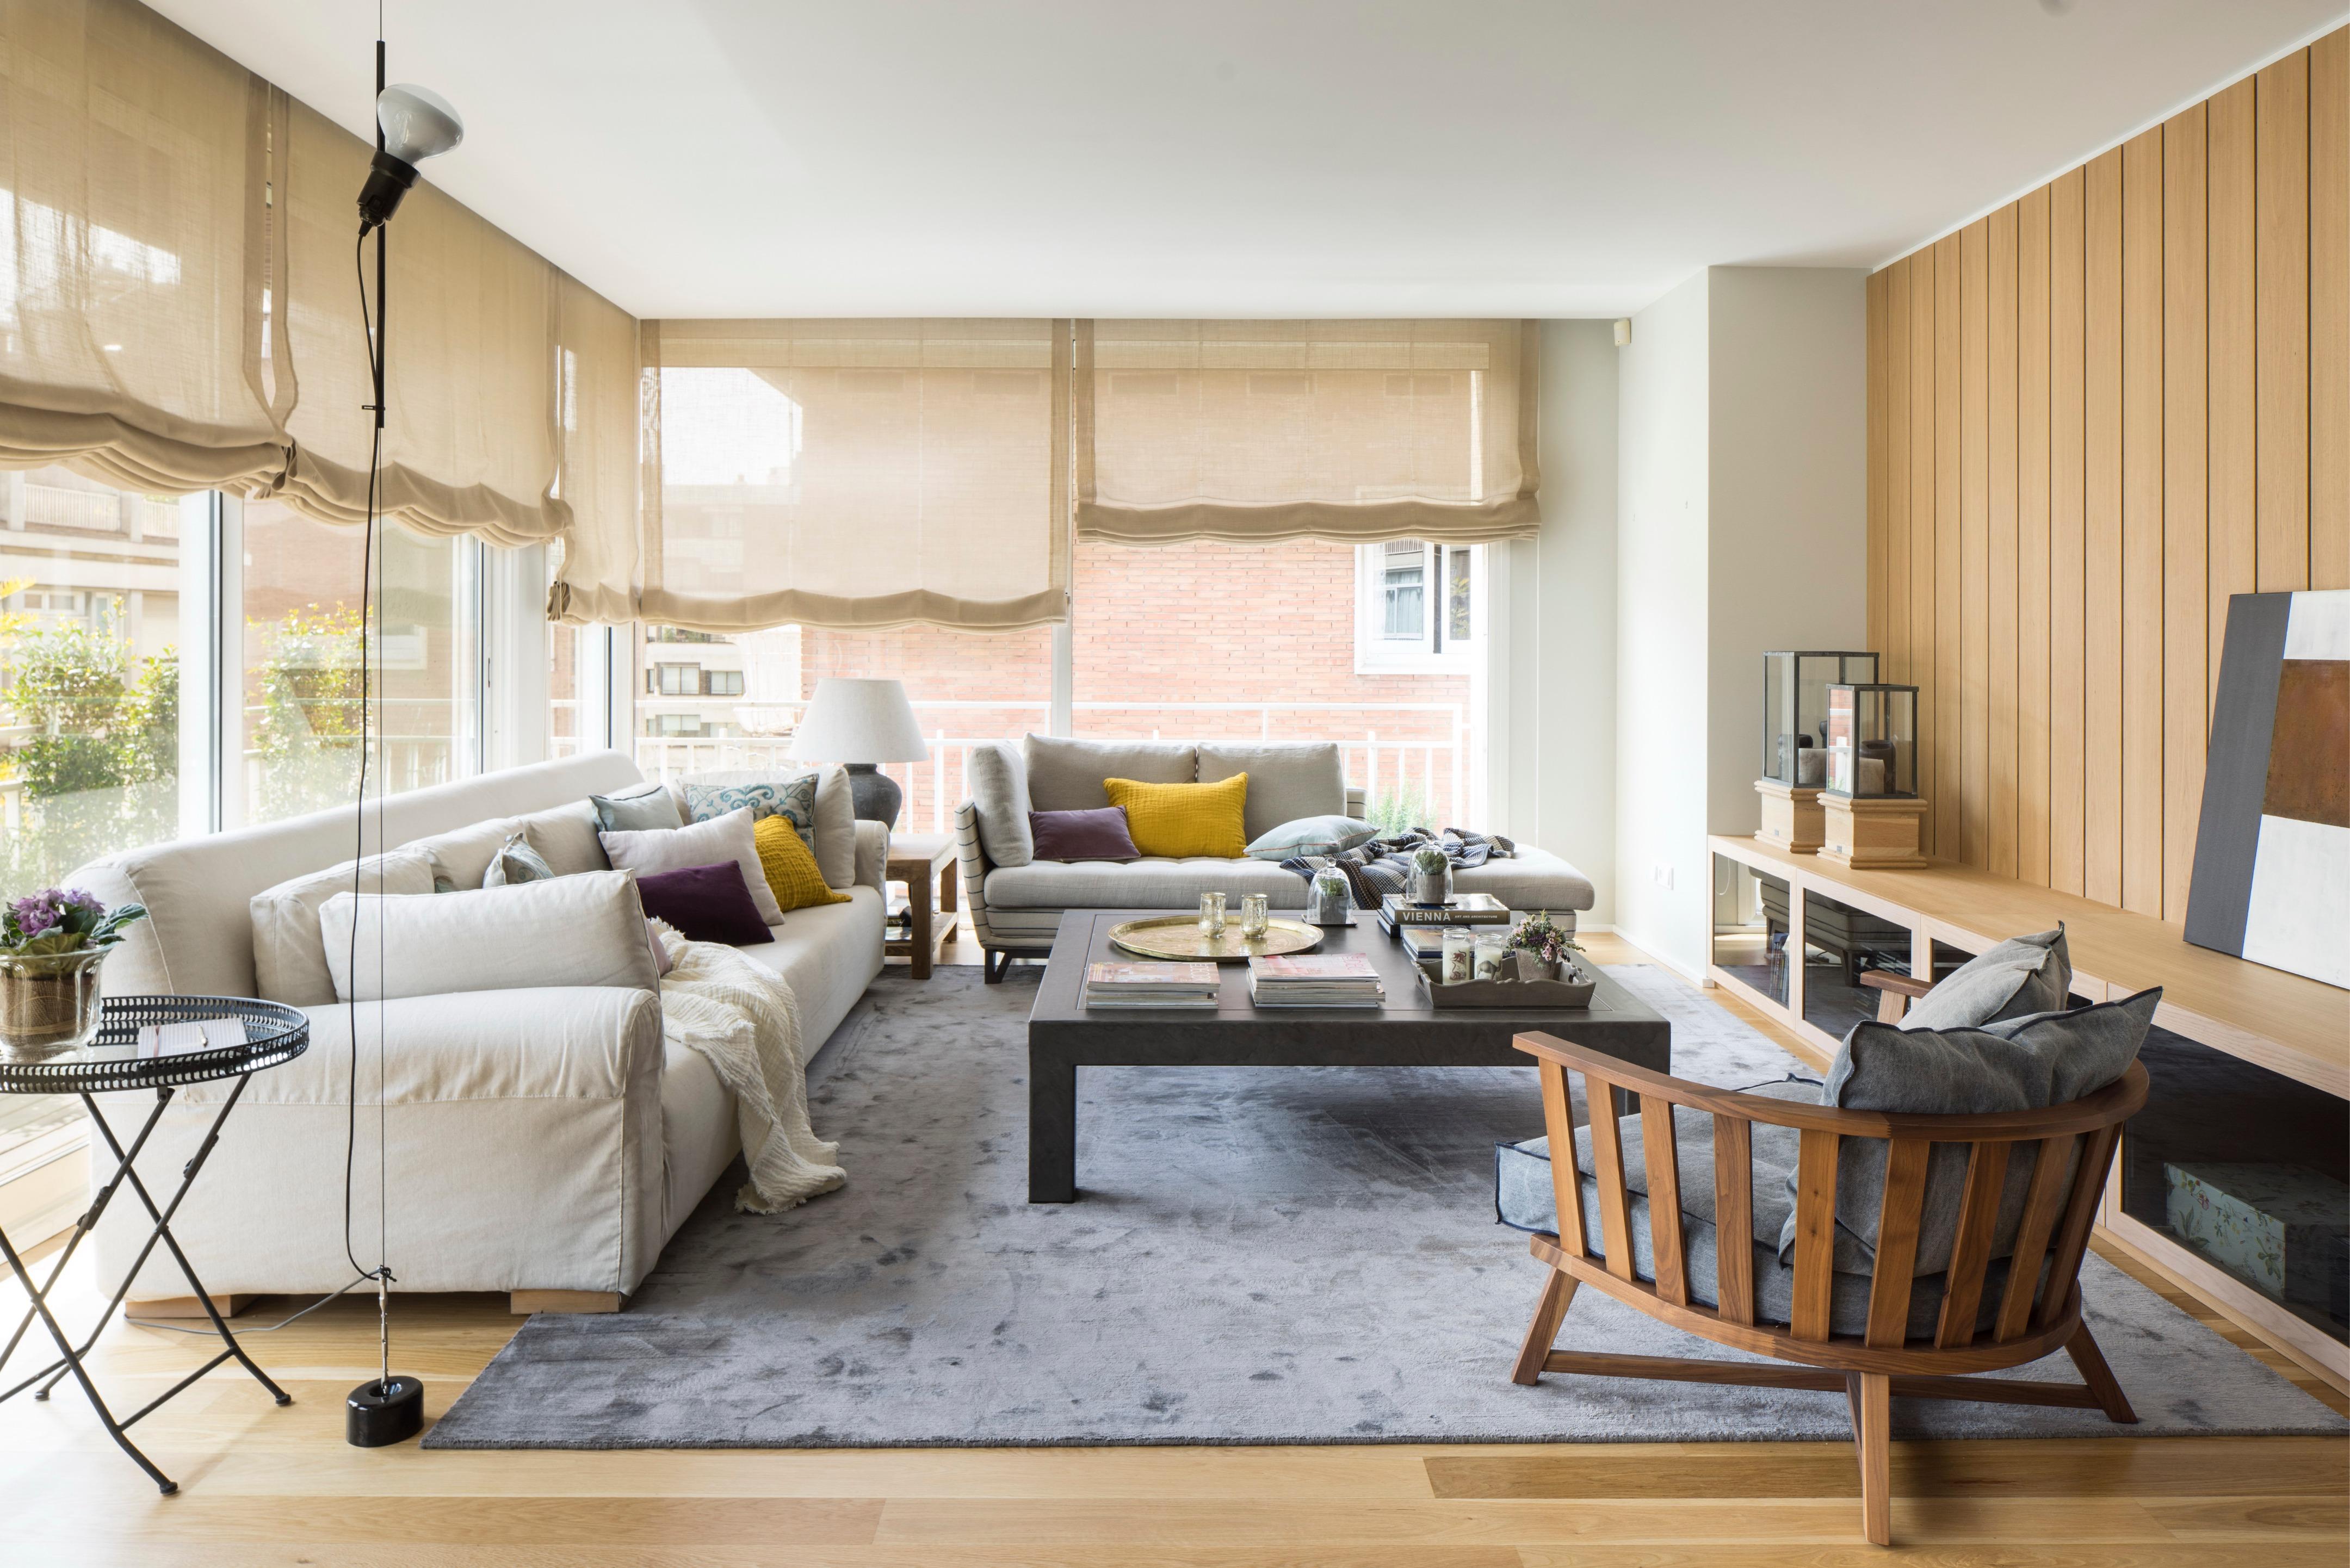 Consejos prácticos para decorar un salón rectangular